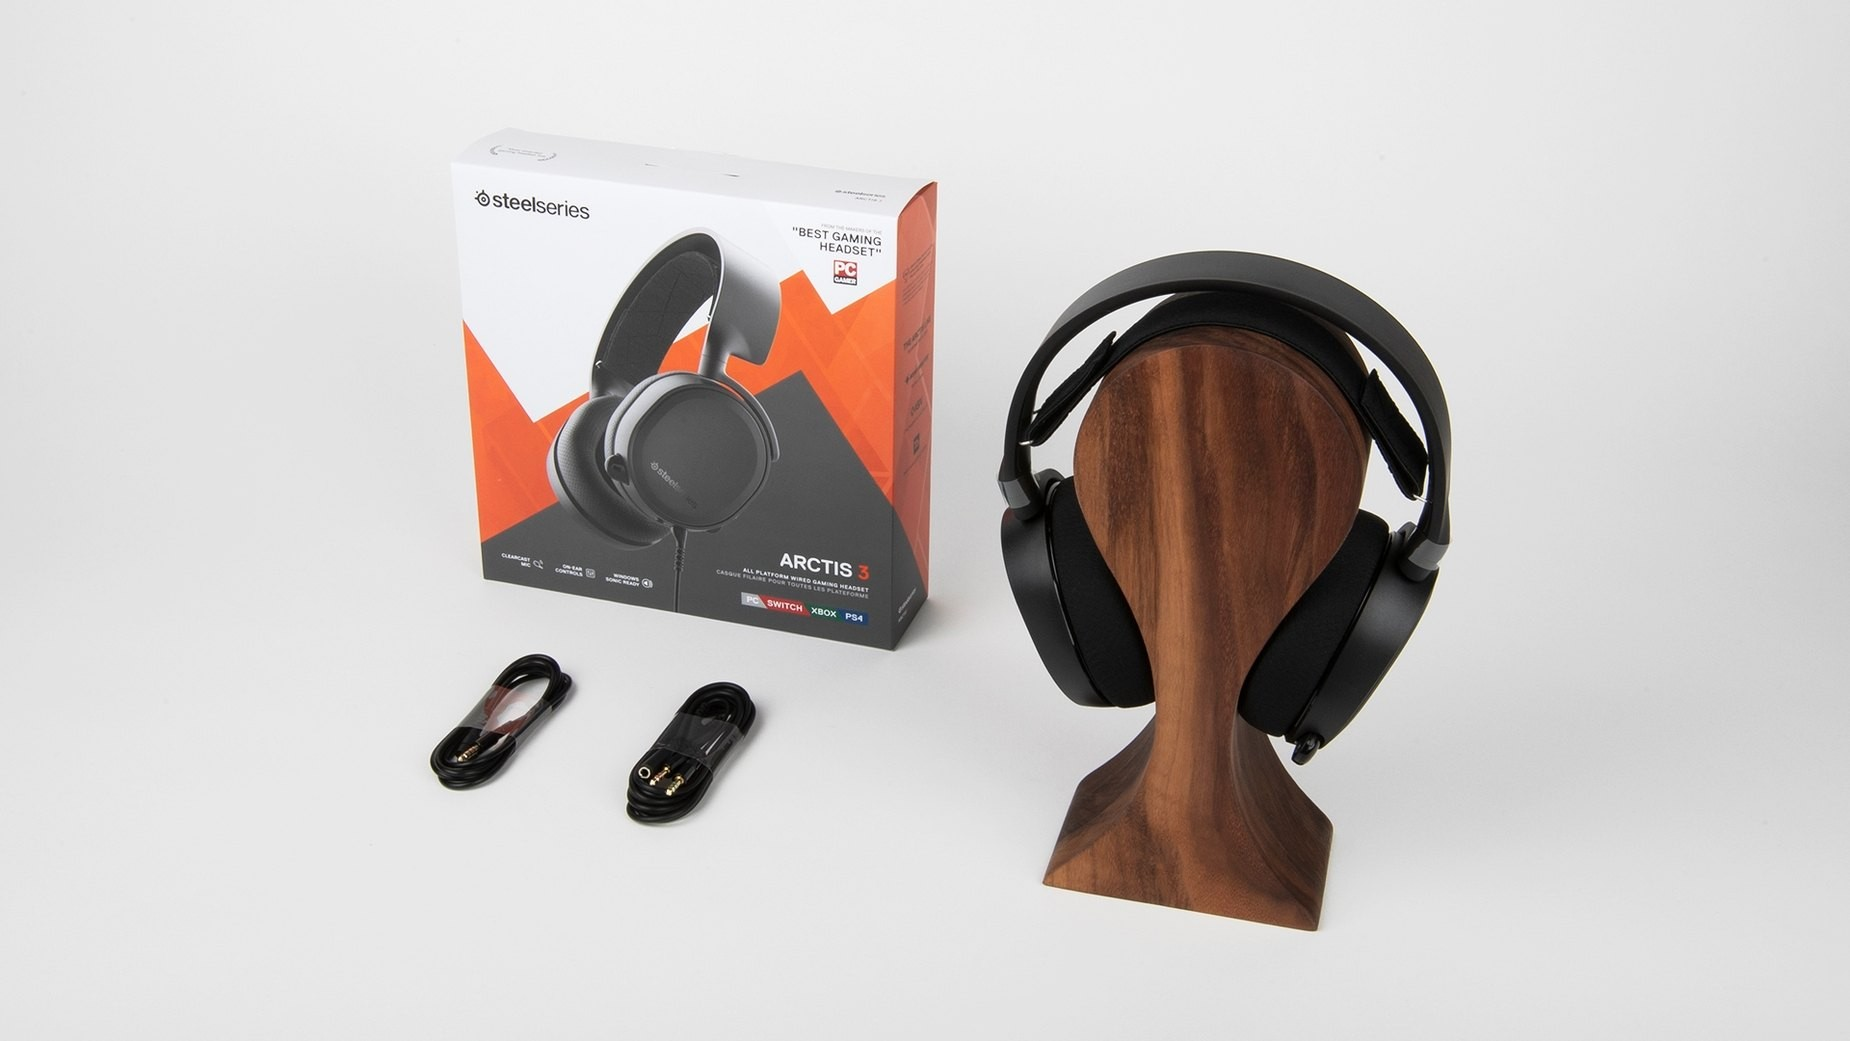 Steelseries Arctis 3 Black (2019 Edition) žaidimų ausinės | 3.5mm